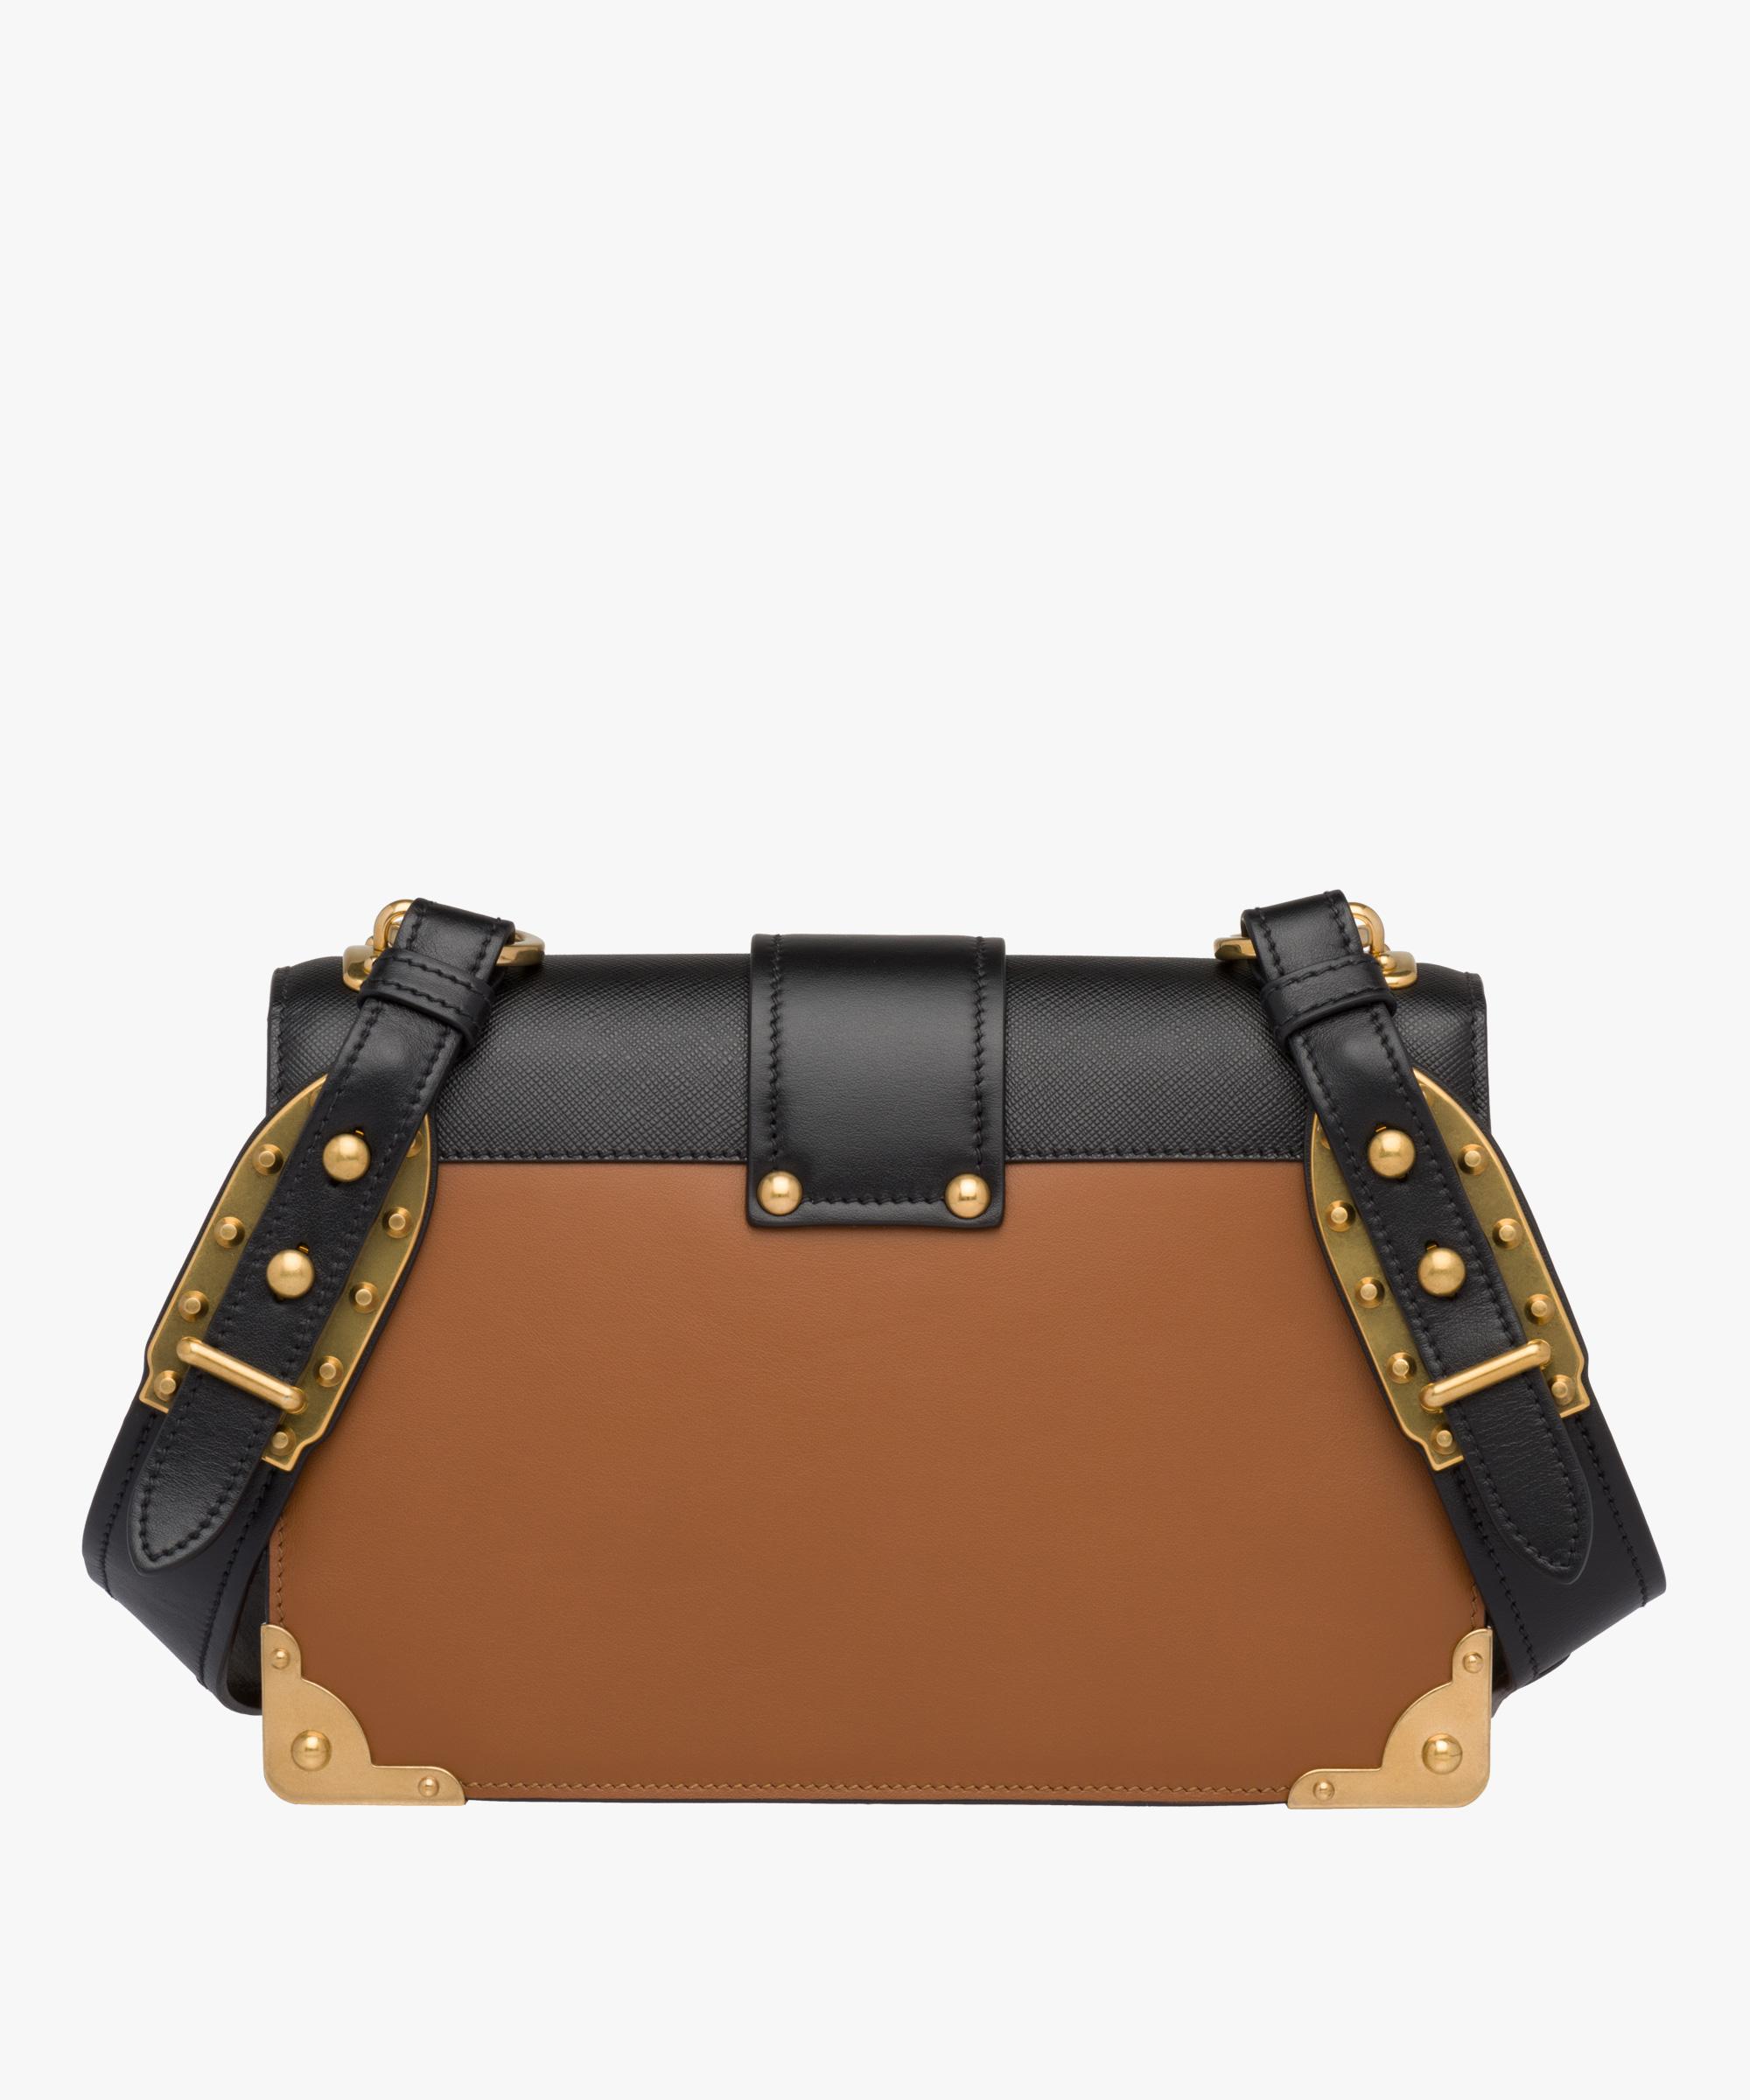 b50f381e7e37 ... Prada Cahier Large leather bag Prada COGNAC/BLACK ...